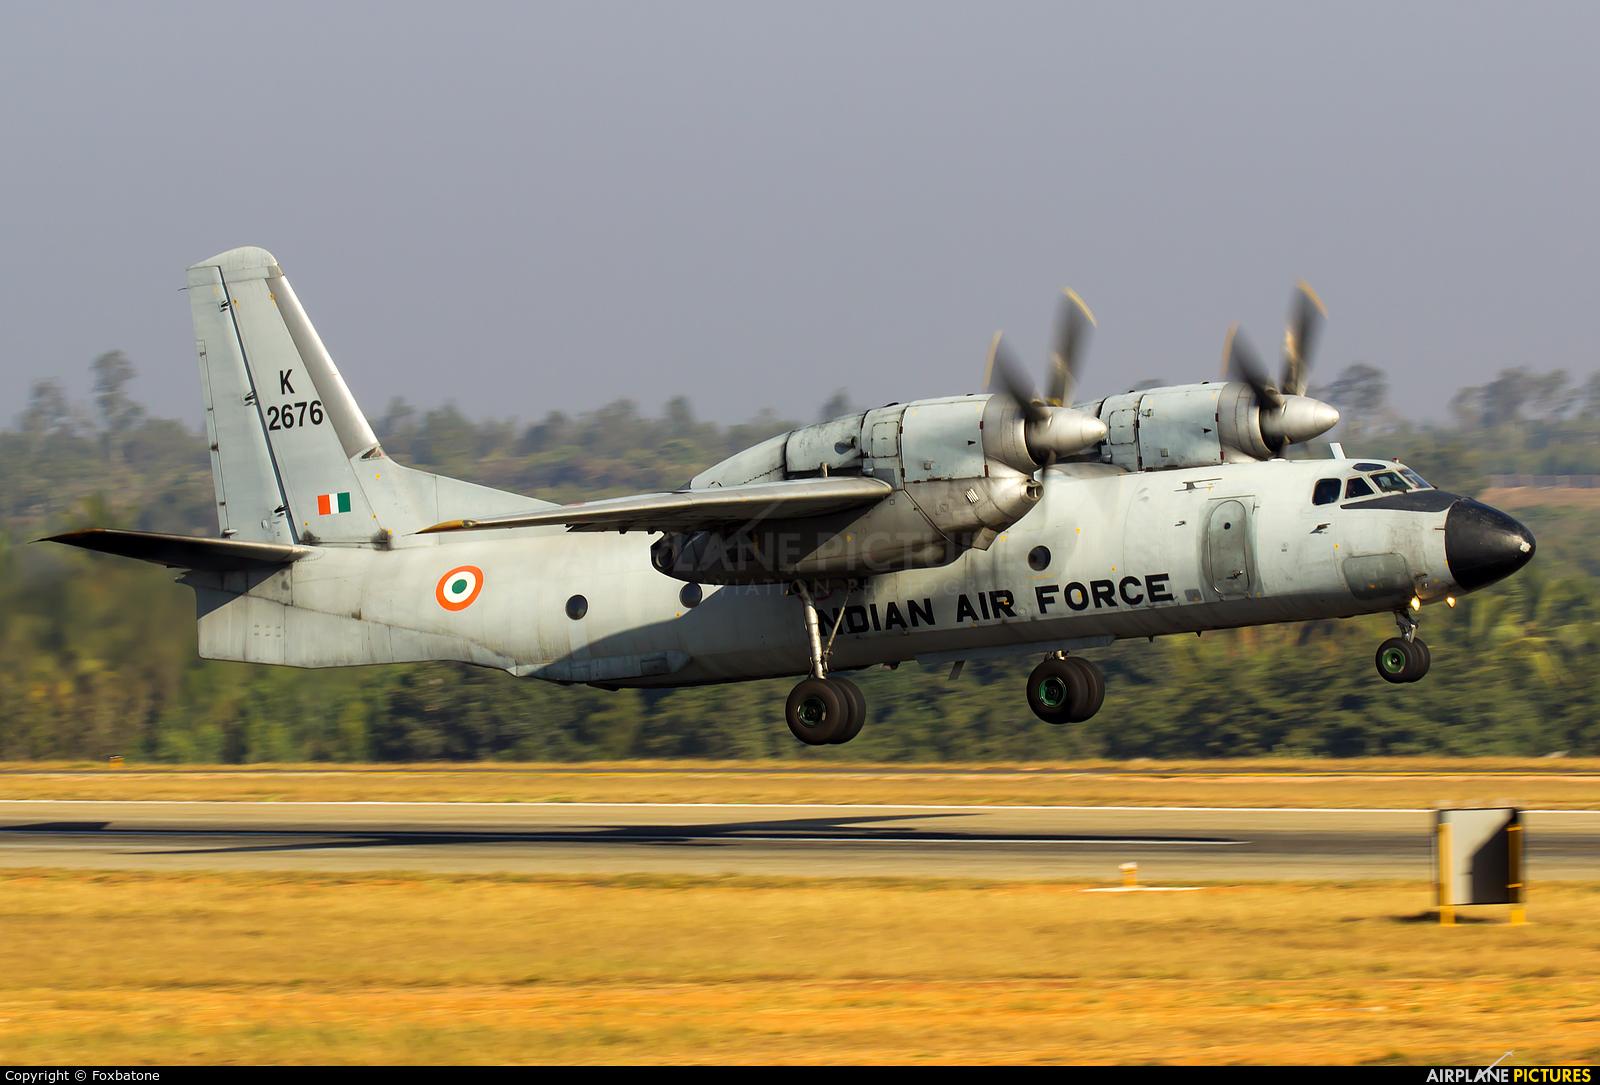 India - Air Force K2676 aircraft at Yelahanka AFB